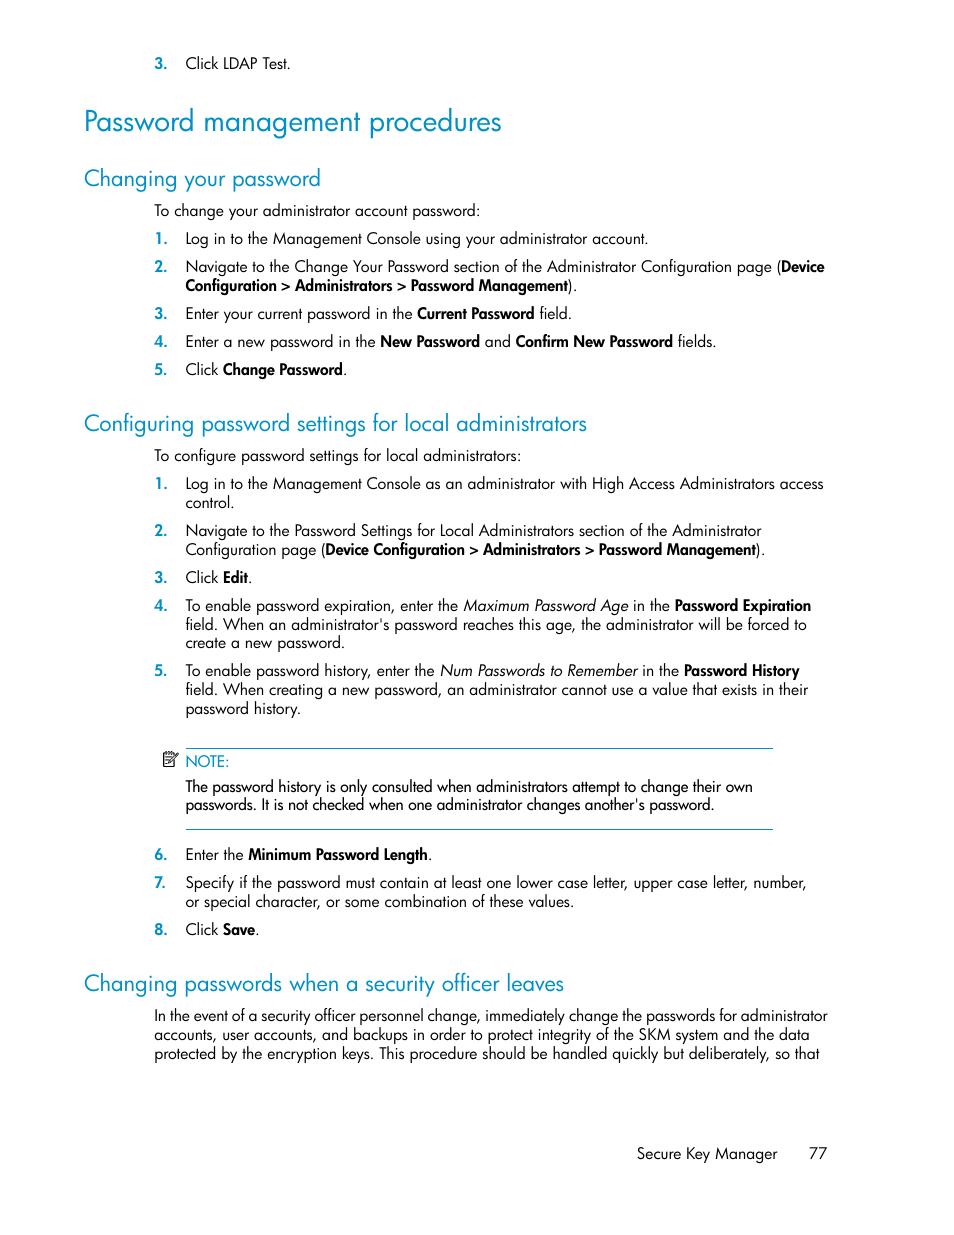 Password management procedures, Changing your password